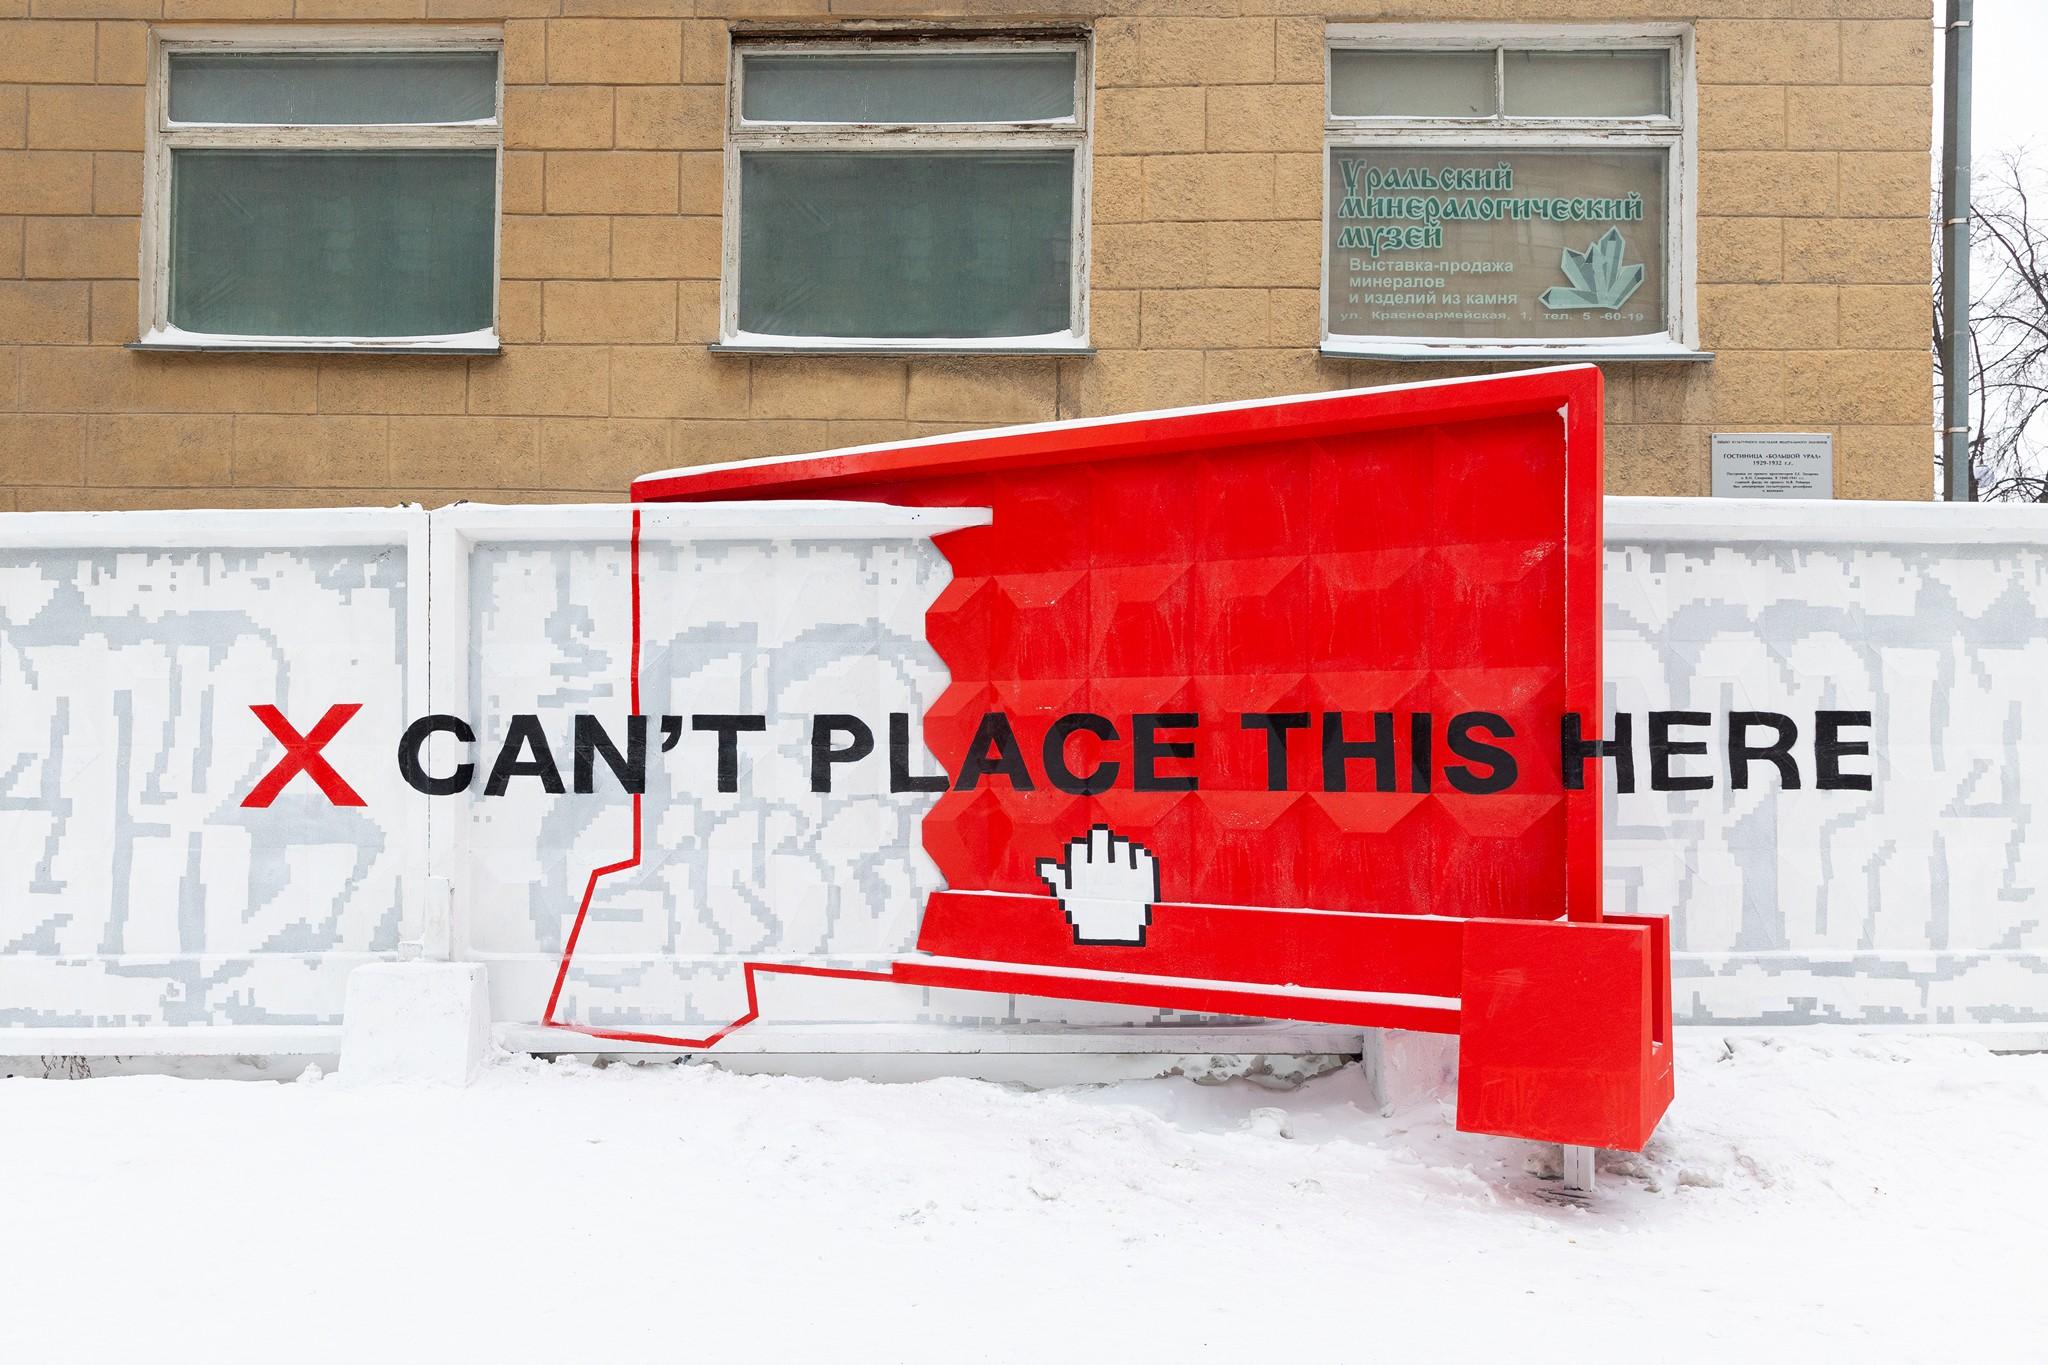 «Здесь строить нельзя»: в Екатеринбурге появился новый арт-объект